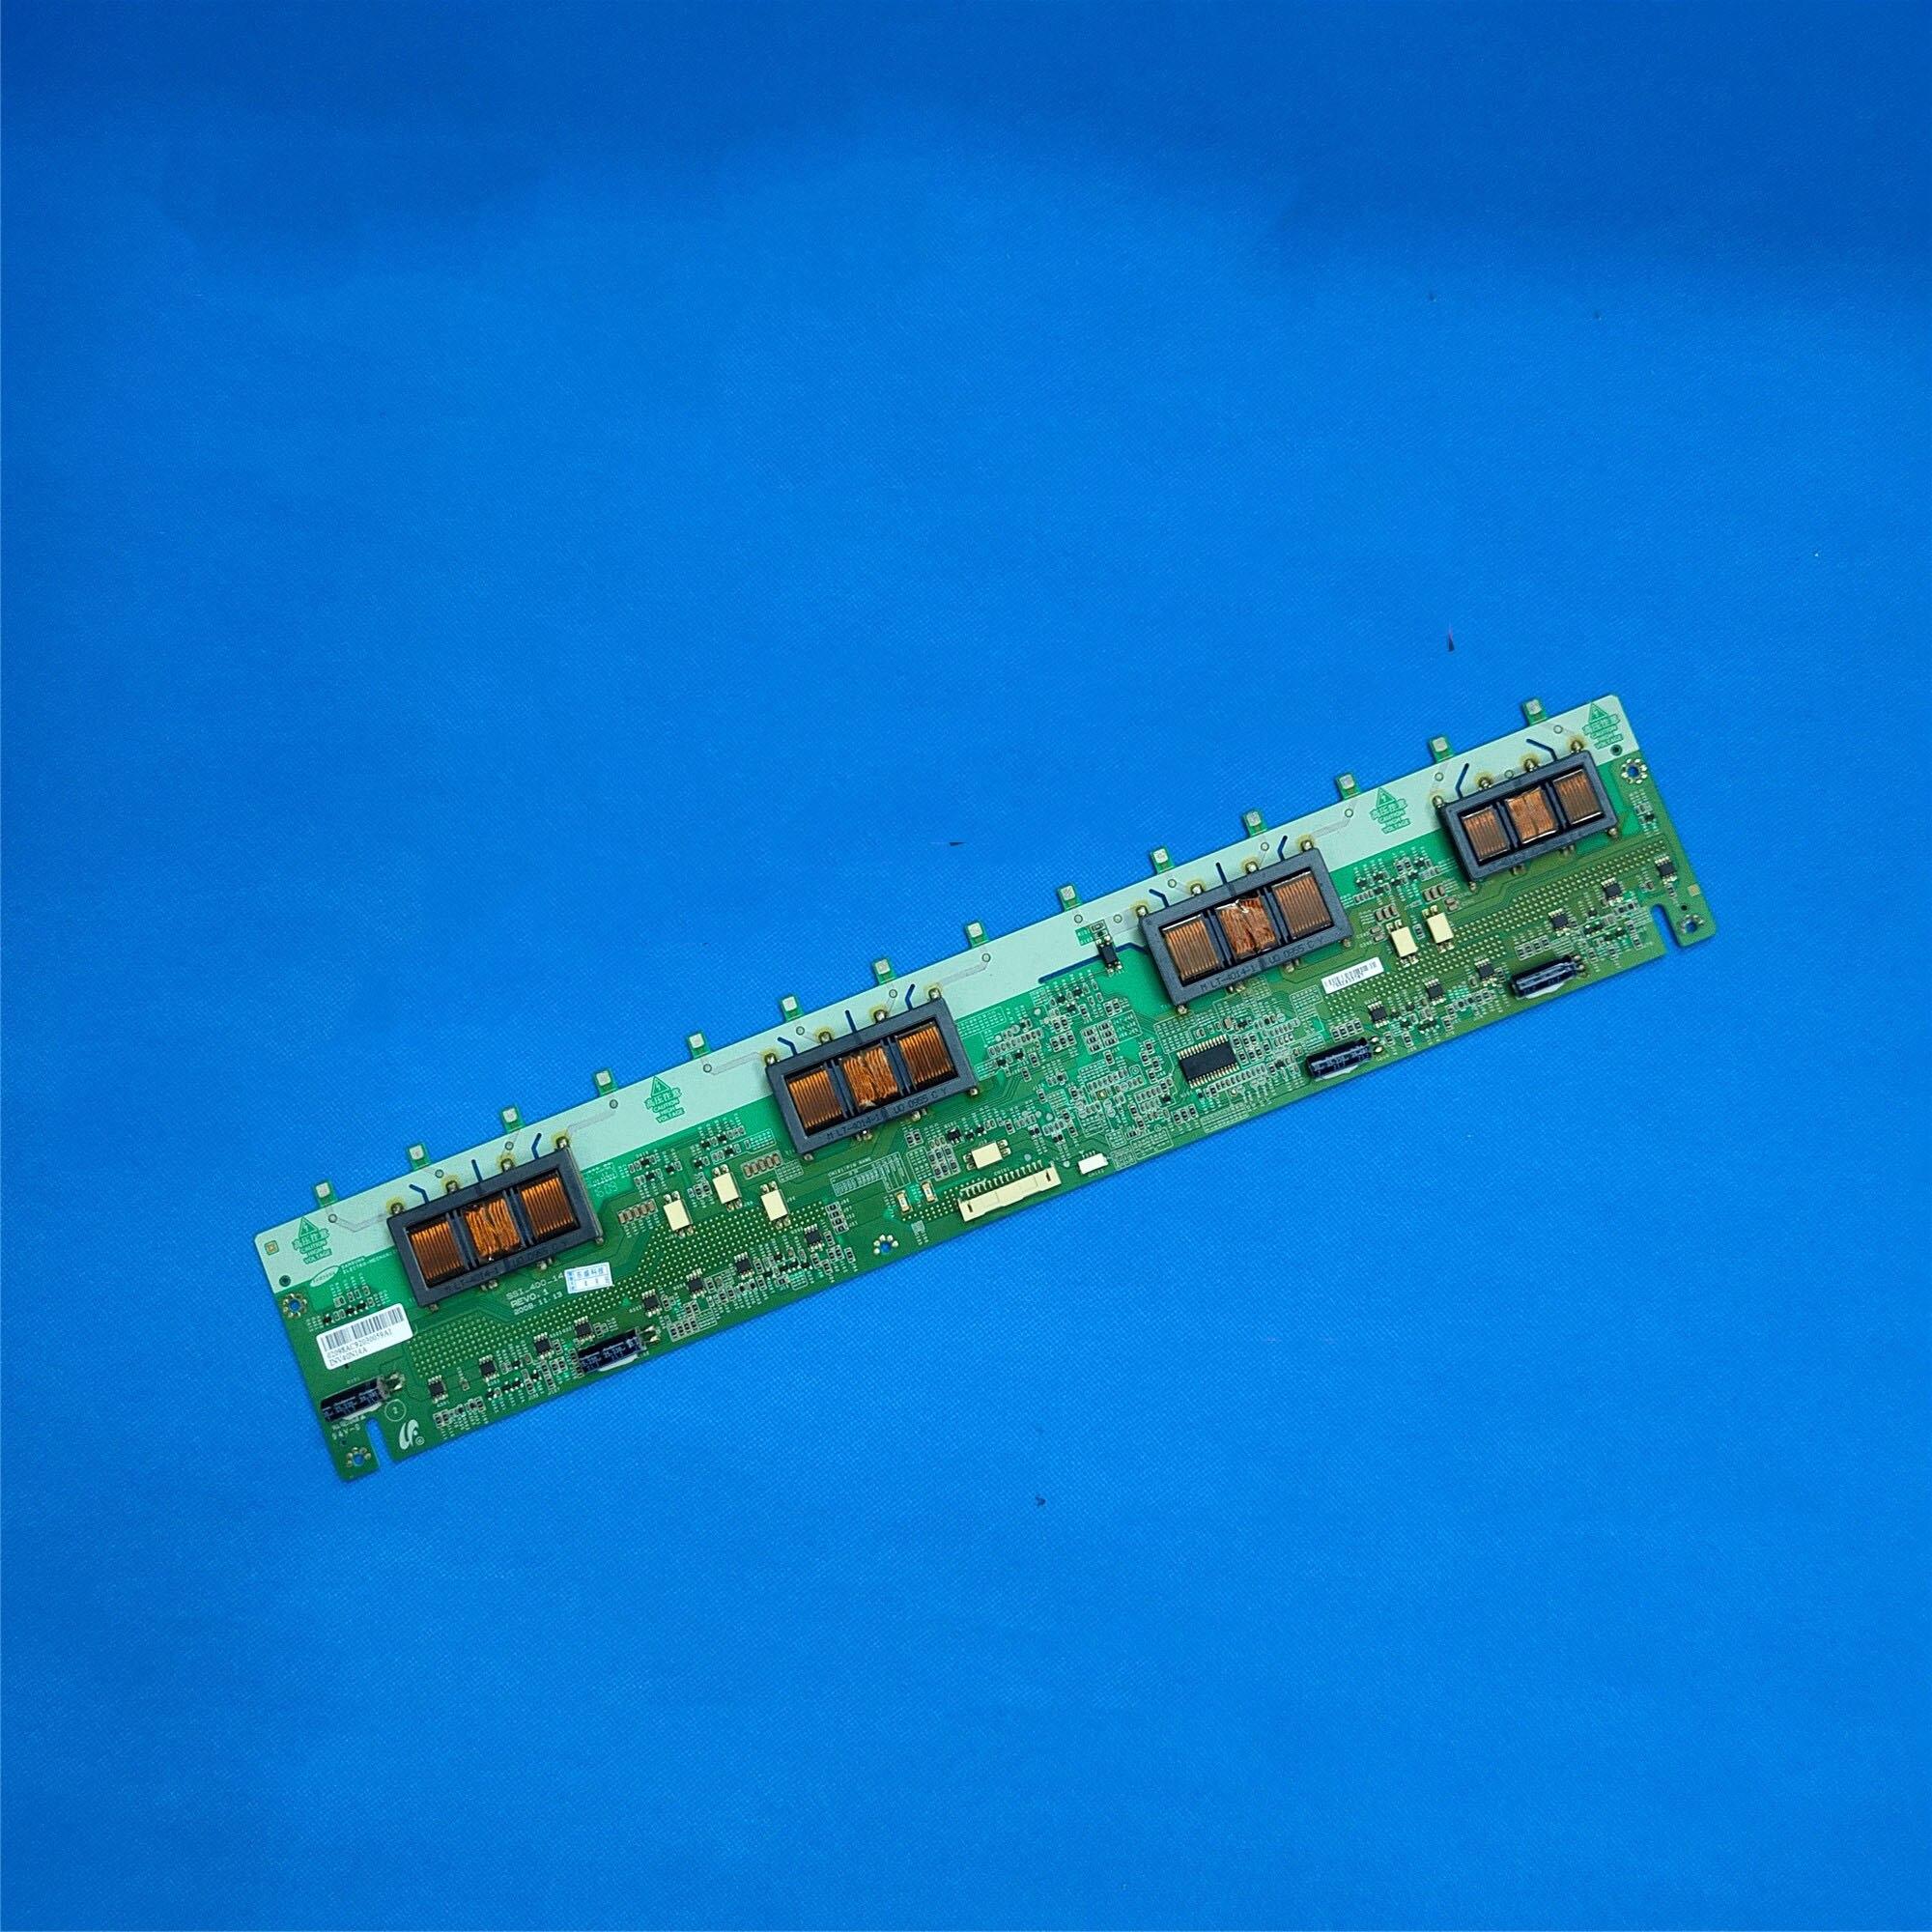 Nueva placa alternativa Compatible para placa de alto voltaje Placa de retroiluminación in40n14b invi40n14c SSI _ 400_14A01 SSI-400-14A01 REV0.1 De retroiluminación LED 72 lámpara para Sony KDL-50R550A 6922L-0083A 1173A 1291A LC500EUD FF F3 F1 50